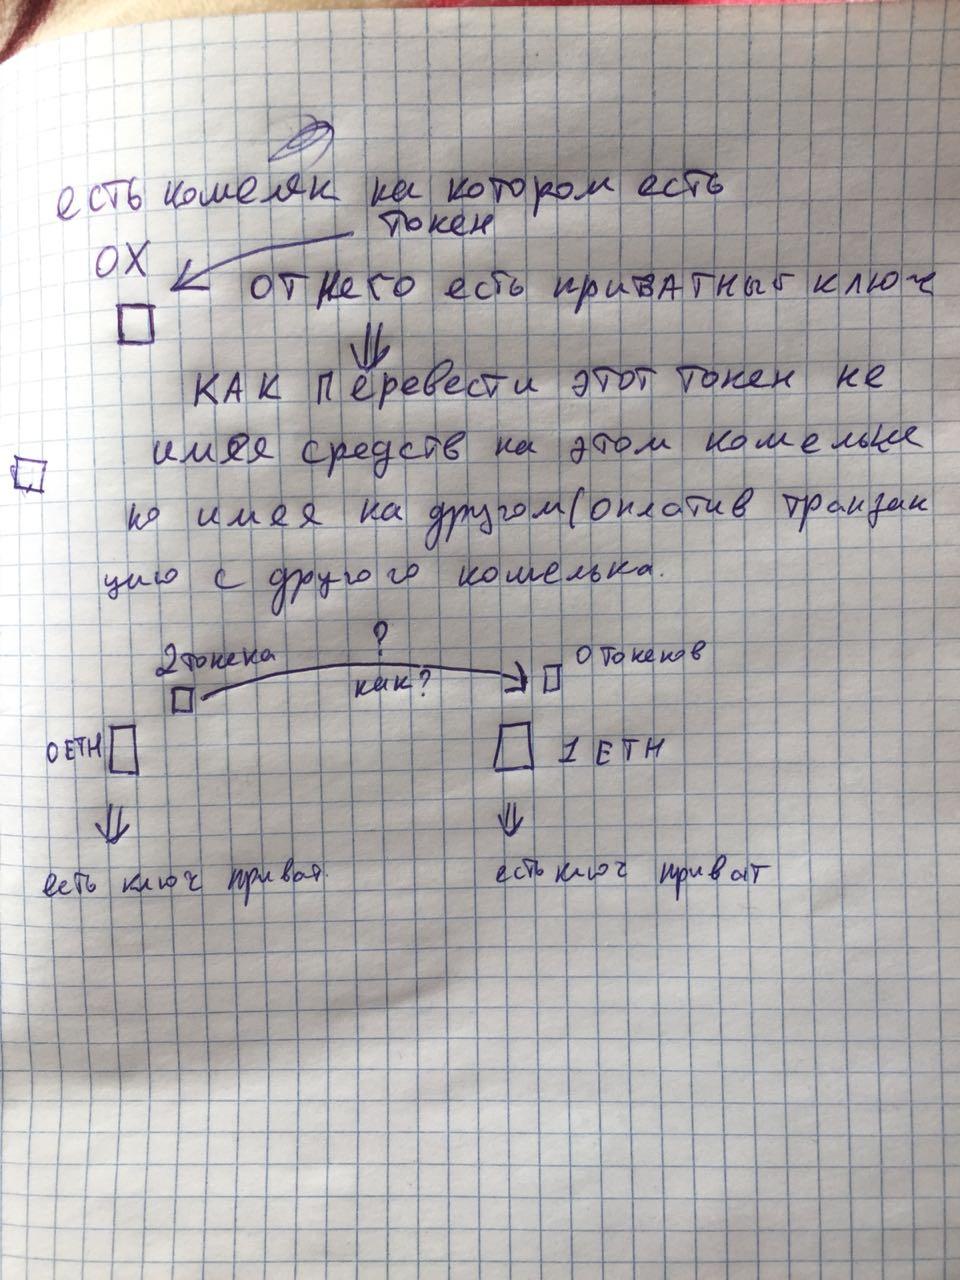 4c8y_cIPQlE.jpg